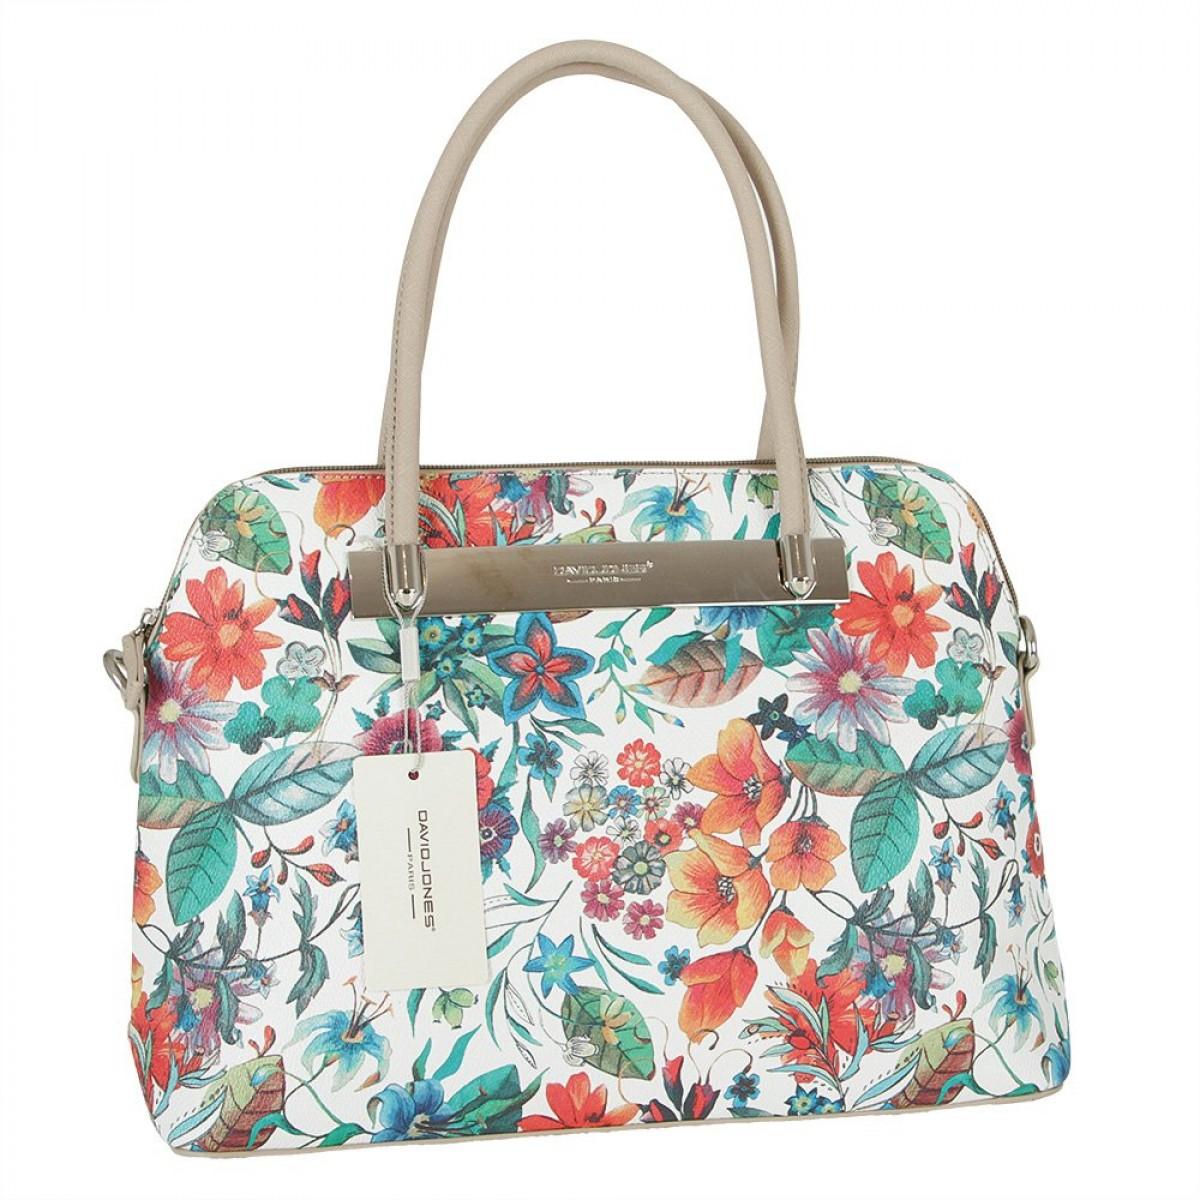 Жіноча сумка David Jones 5738-1 SAND